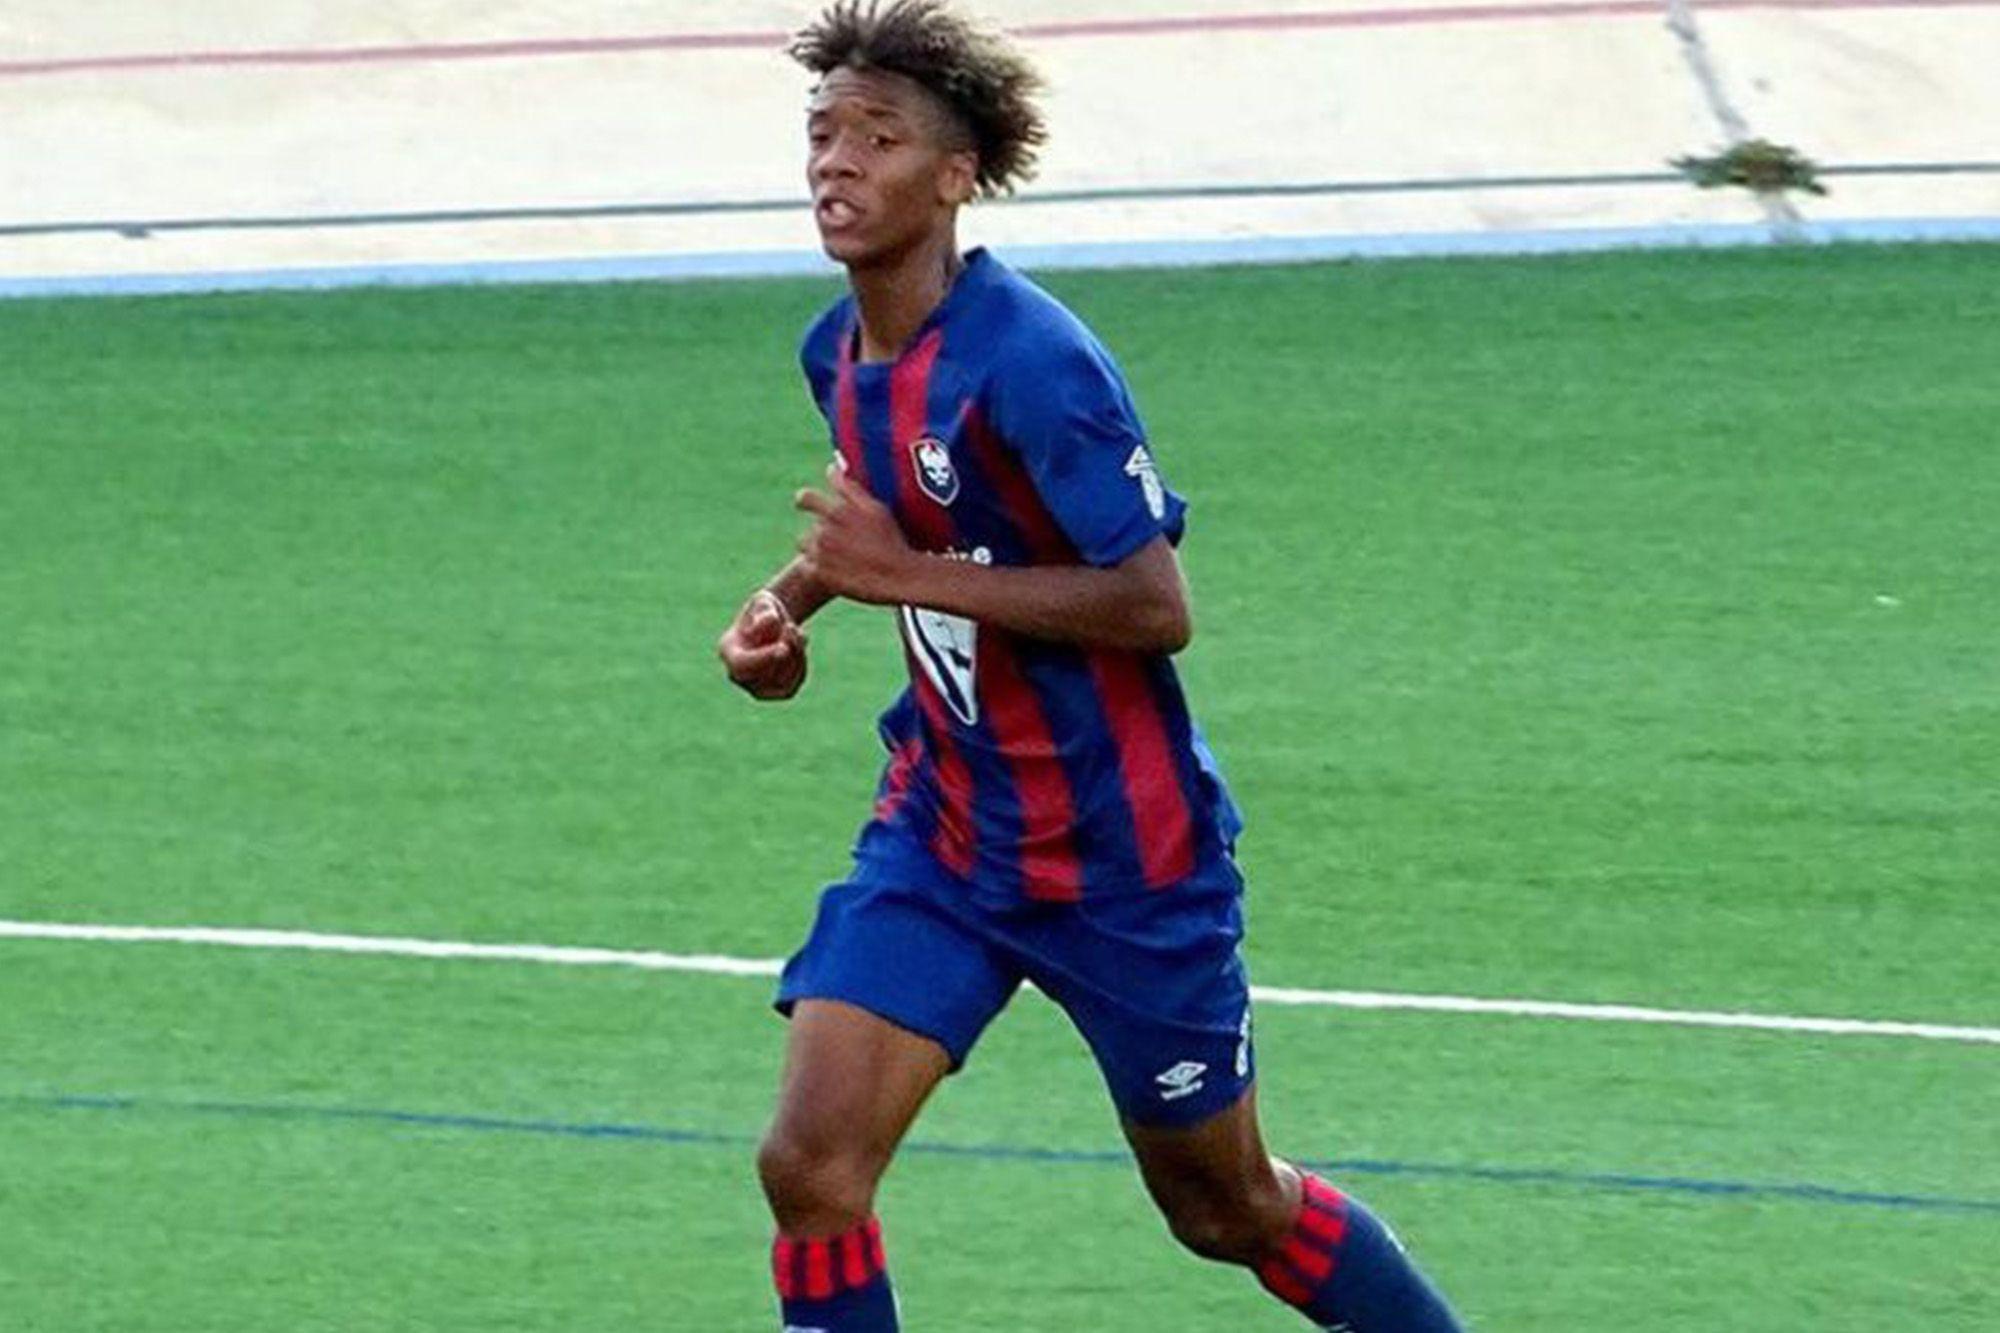 Brahim Traoré sélectionné avec l'équipe de France U17